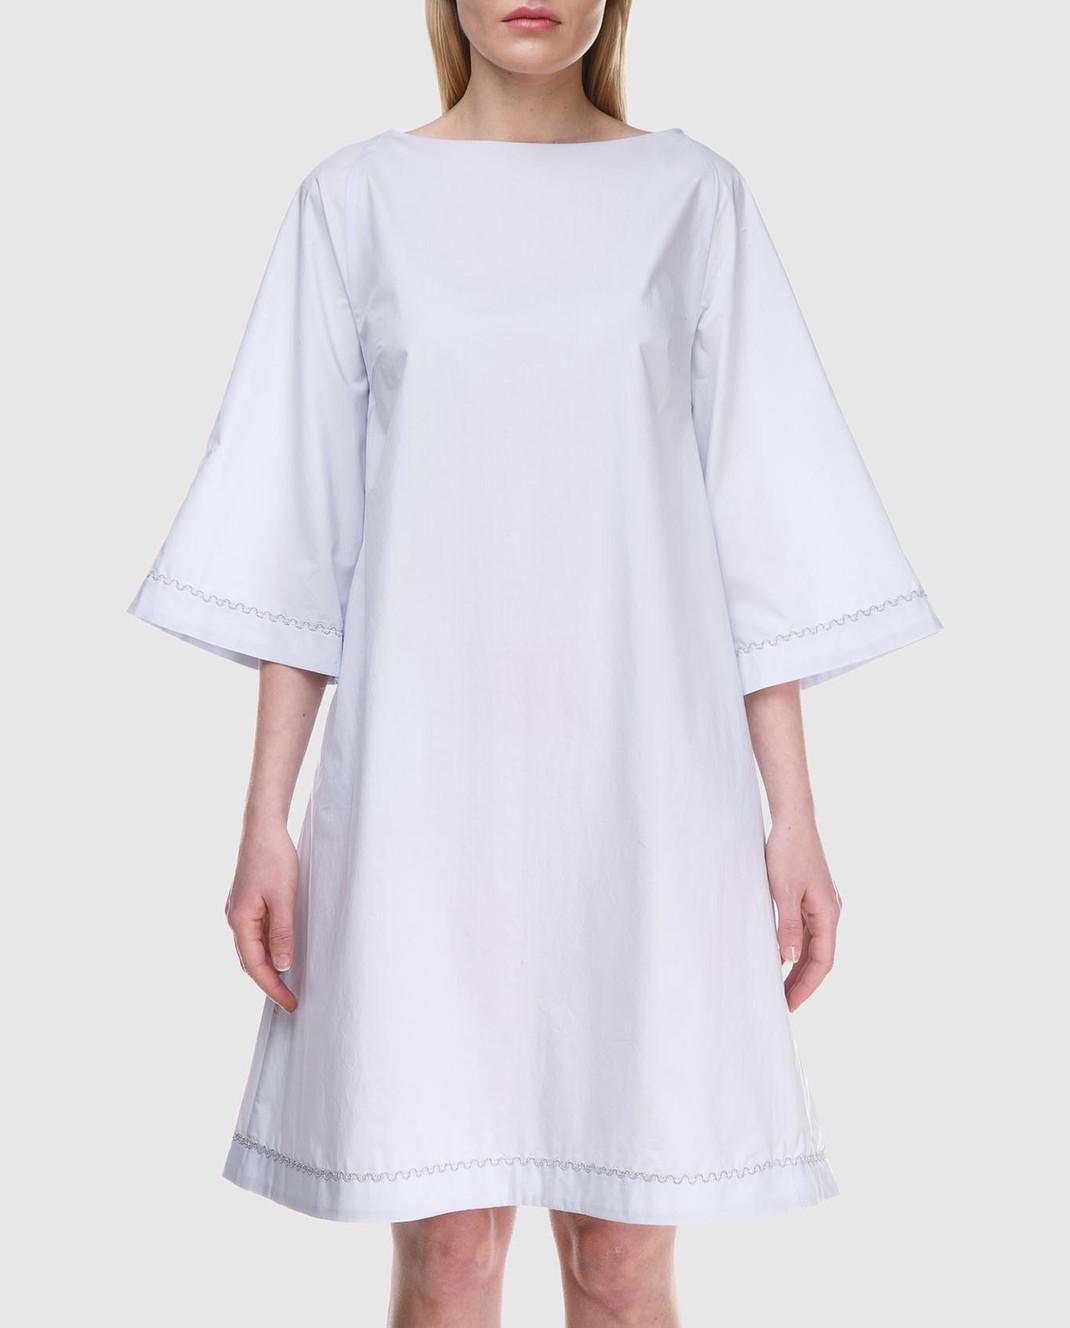 COLOMBO Белое платье  AB00269T0434 изображение 3